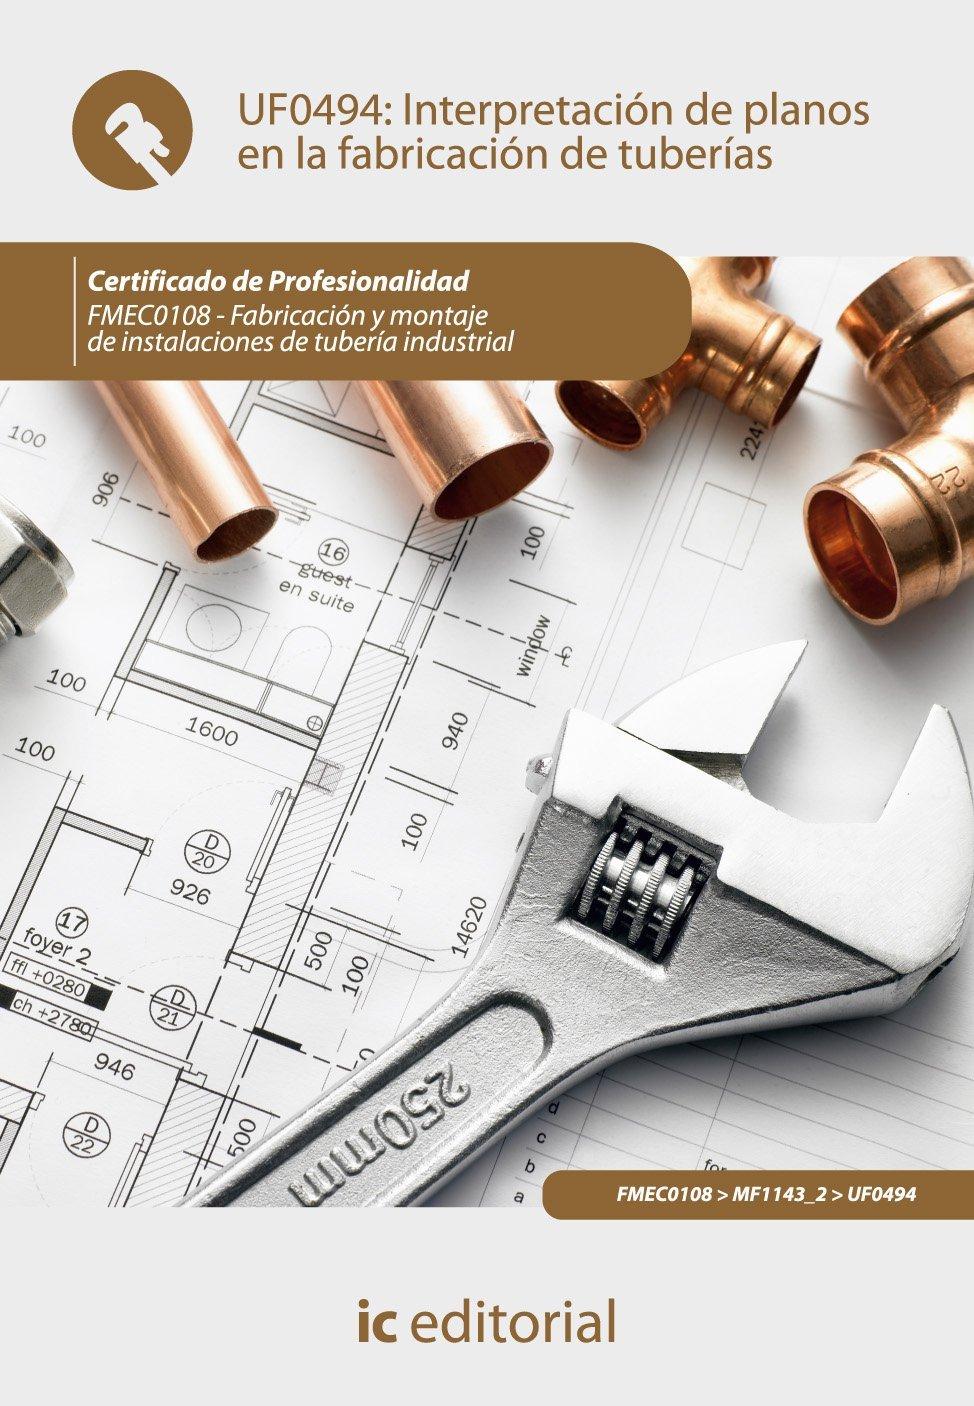 Interpretación de planos en la fabricación de tuberías. fmec0108 - fabricación y montaje de instalaciones de tubería industrial: Amazon.es: Francisco José ...